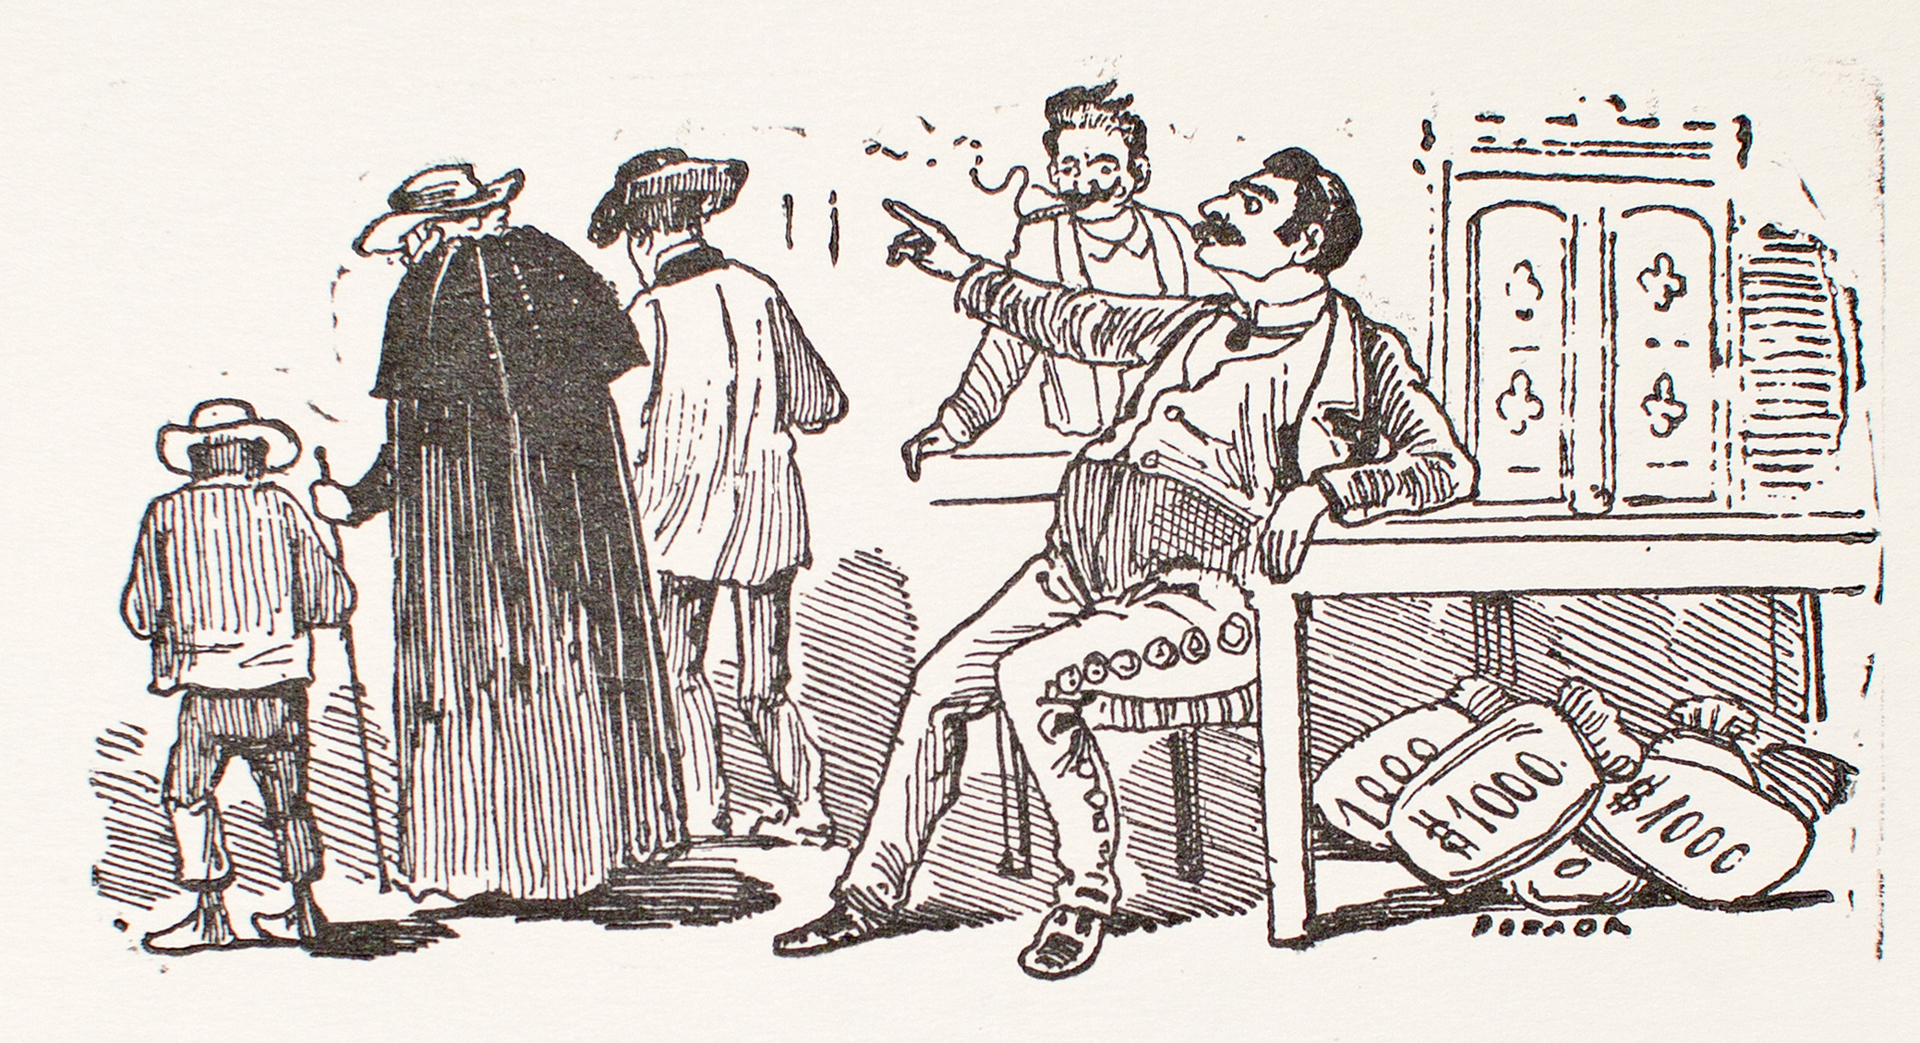 El Rico Hacendado by José Guadalupe Posada (1852 - 1913)